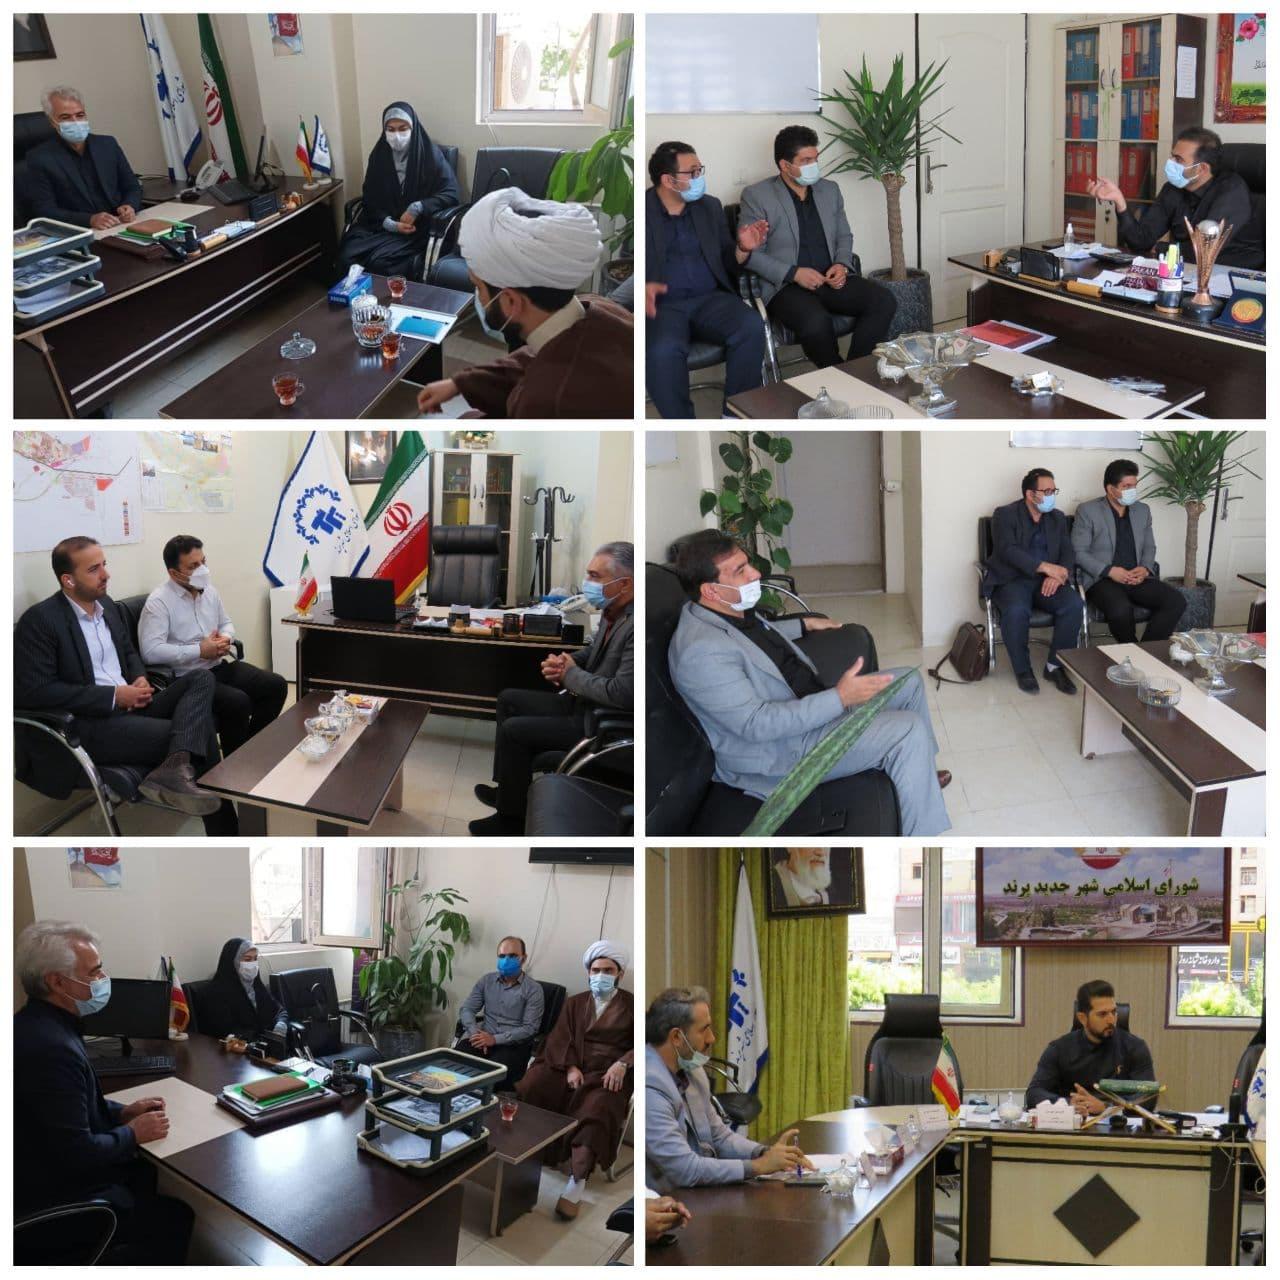 روز پر کار شورای اسلامی شهر پرند برگزاری جلسات تخصصی کمیسیون های شورا برای توسعه و آبادانی شهر